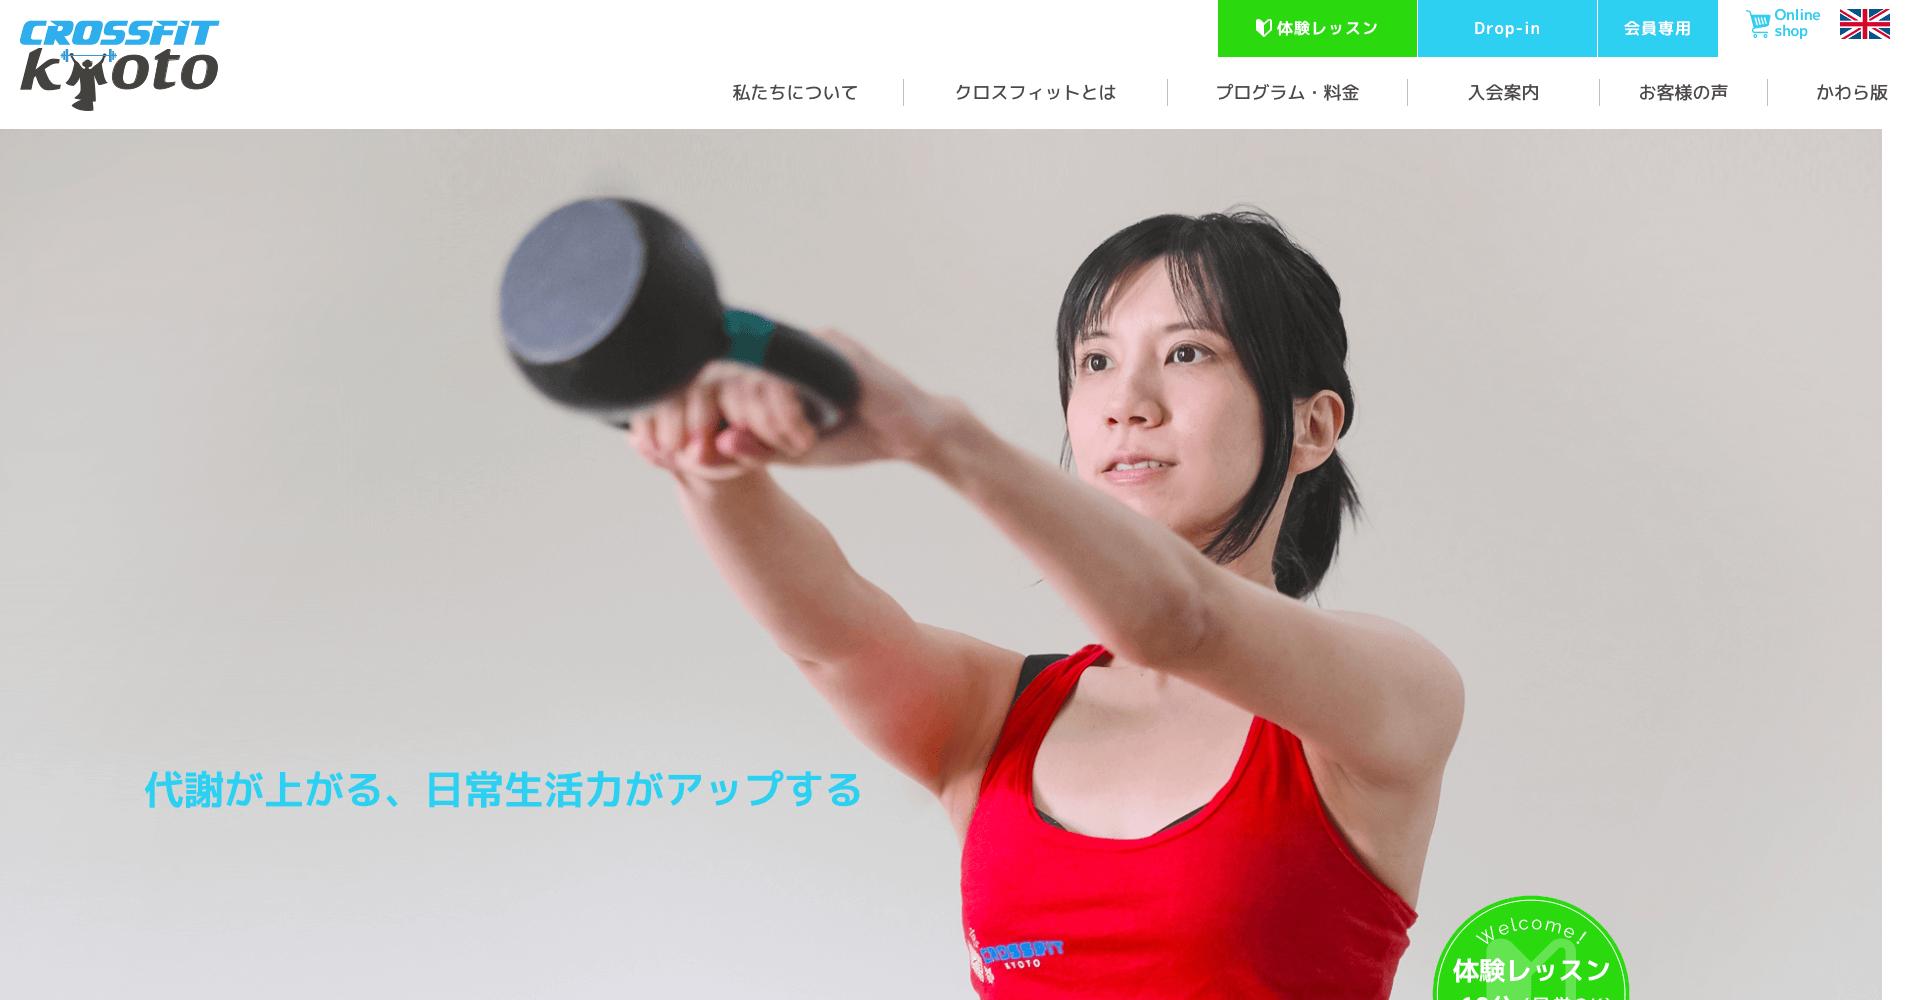 CrossFit Kyoto - クロスフィット京都